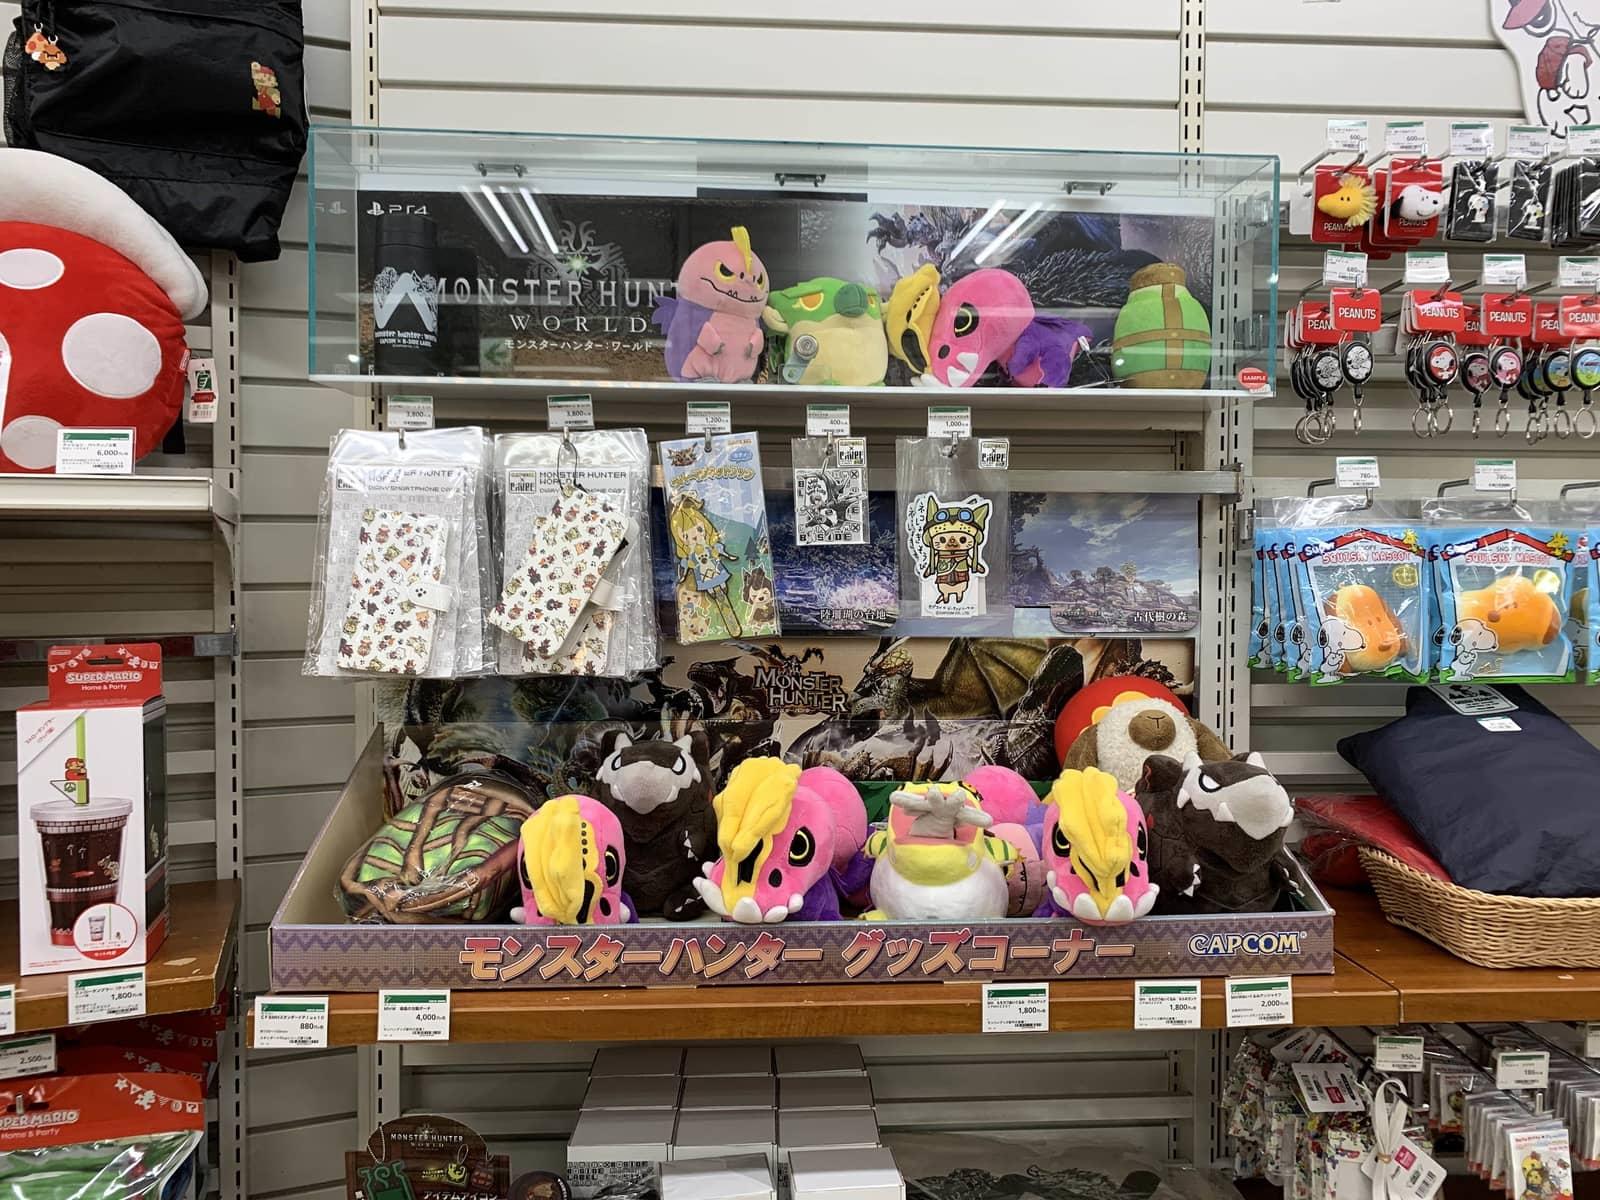 Monster Hunter merchandising